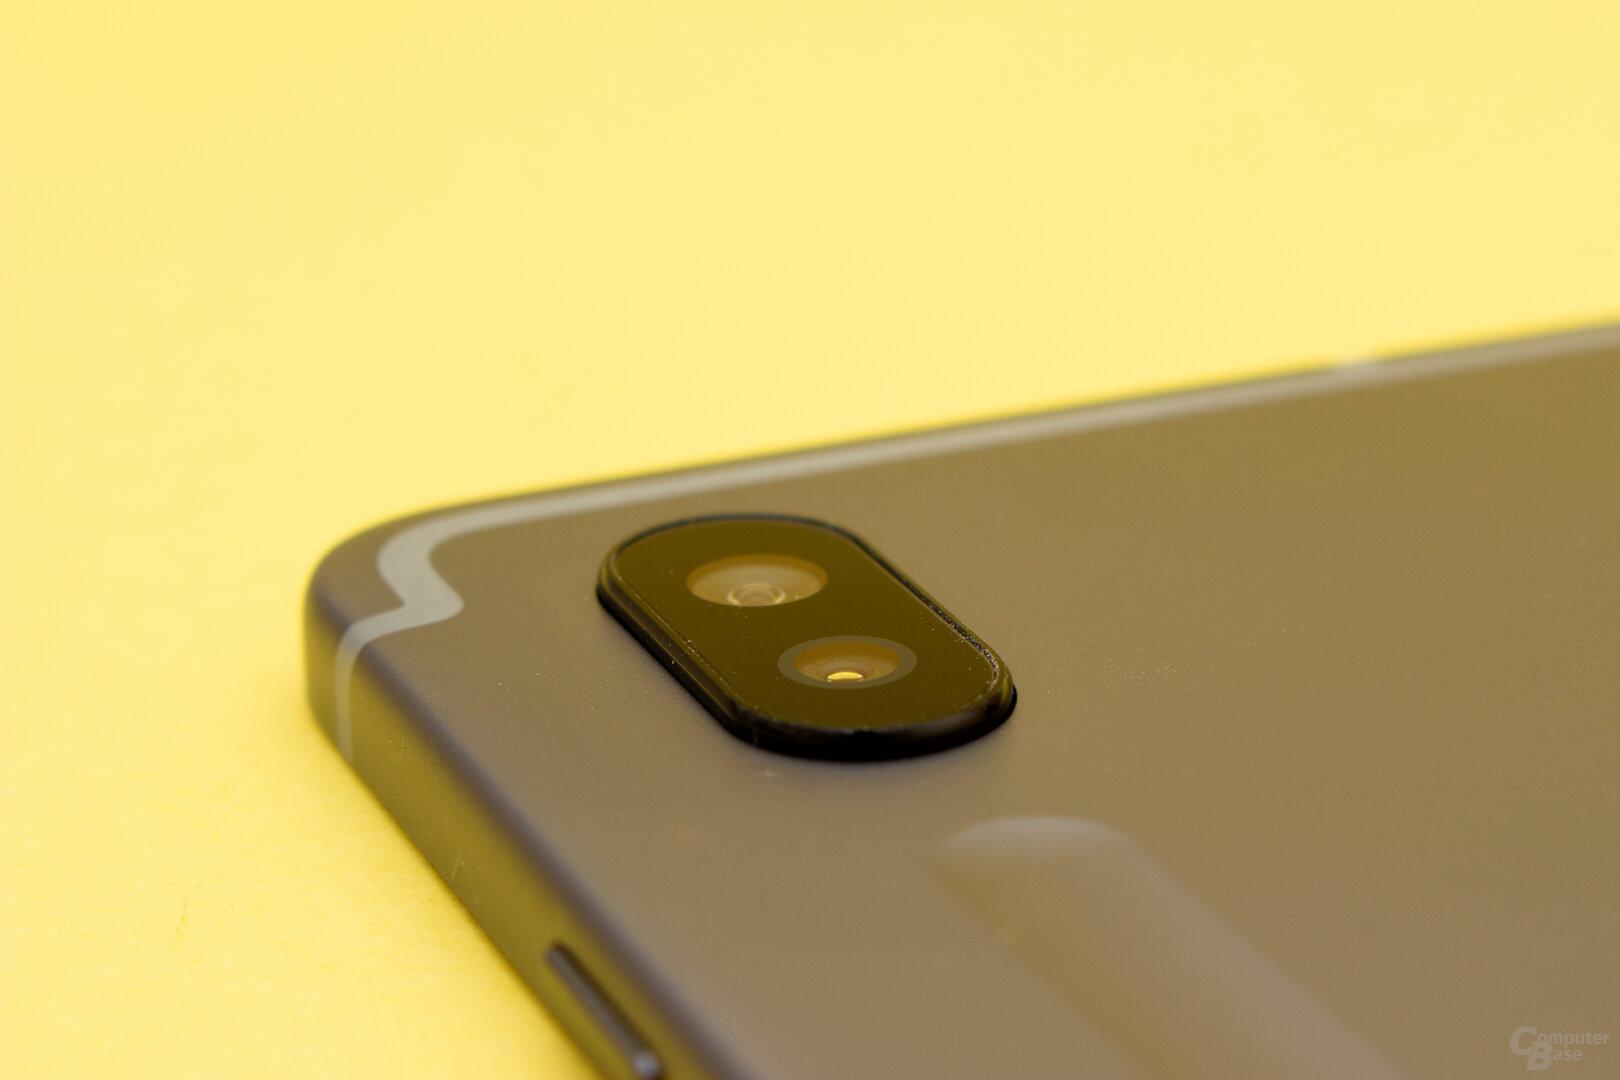 Die Kamera ragt aus dem Gehäuse des Galaxy Tab S6 heraus